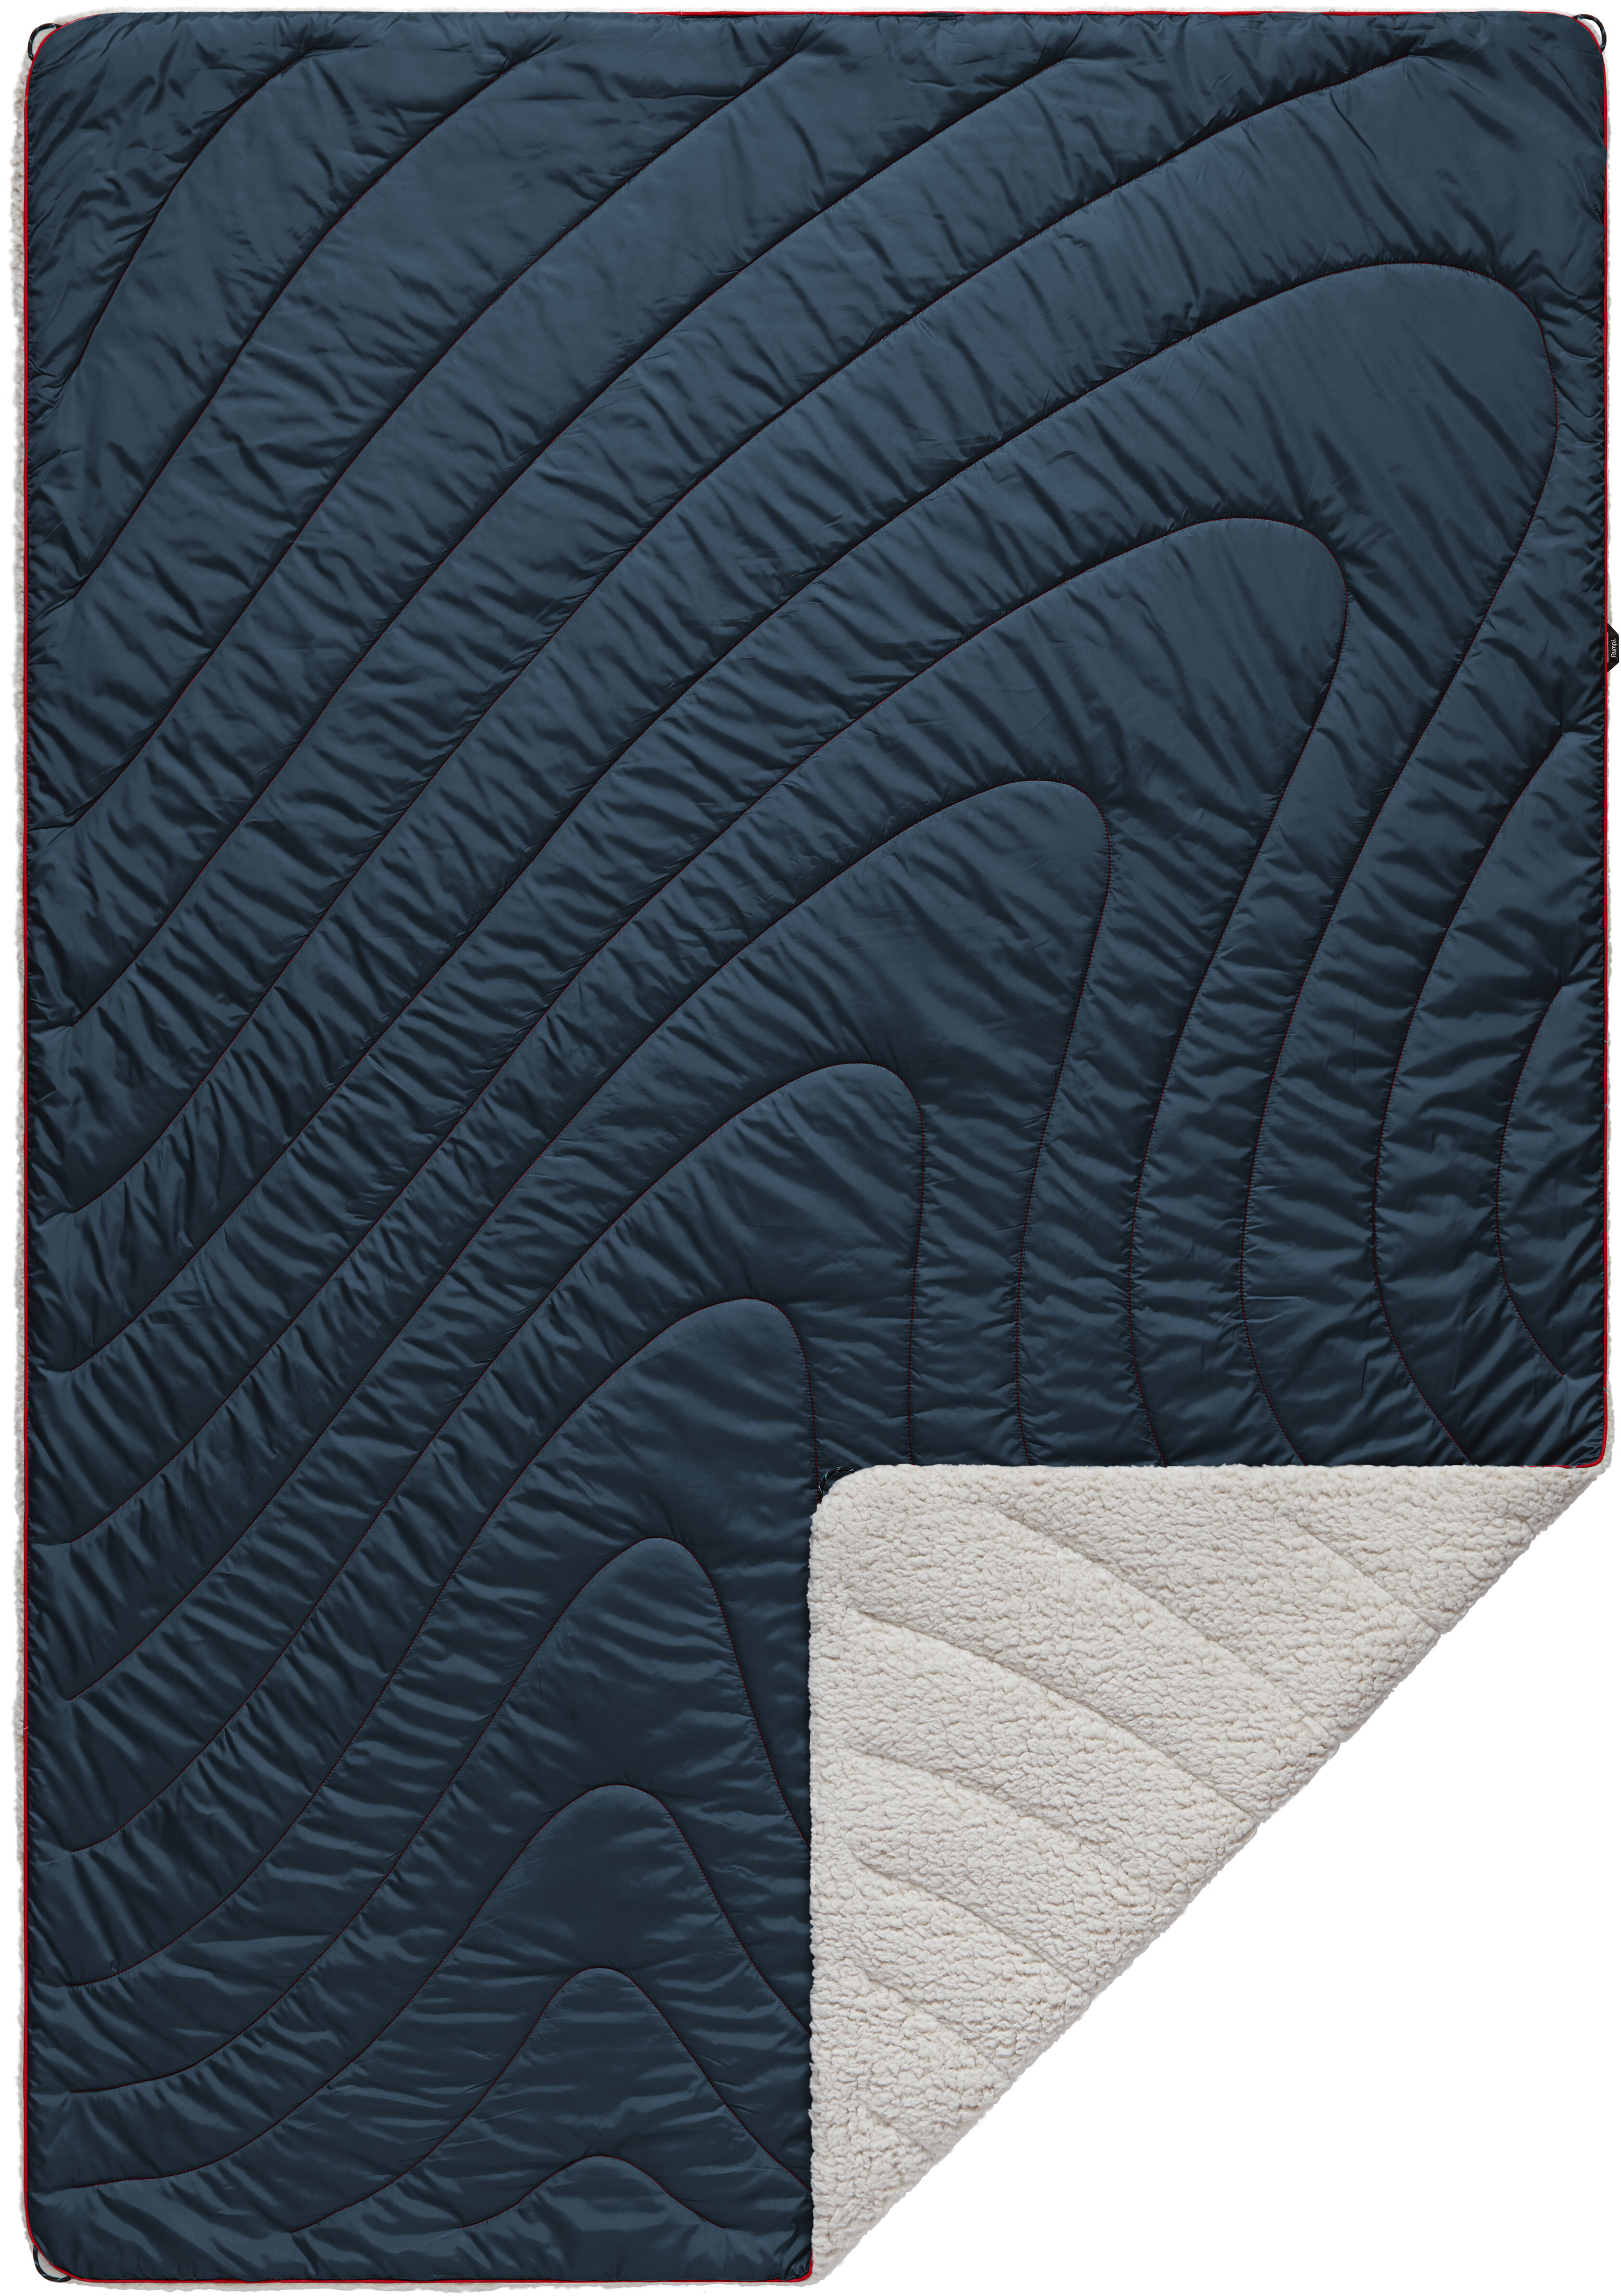 Rumpl Sherpa Puffy Blanket 1p Deepwater L Online Outdoor Shop Campz Nl